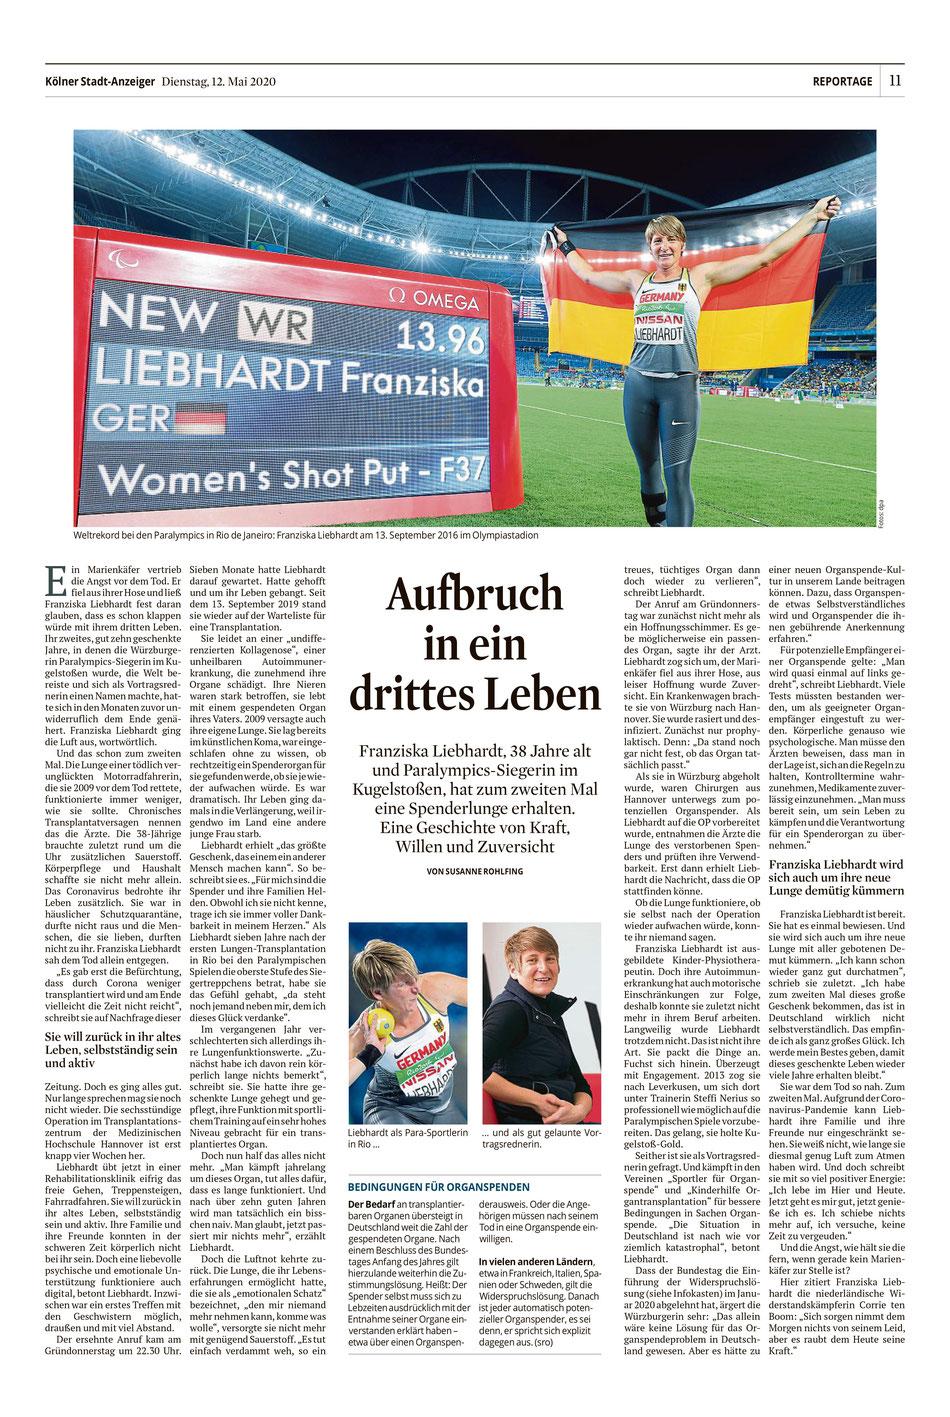 Quelle: Kölner Stadtanzeiger, www.ksta.de